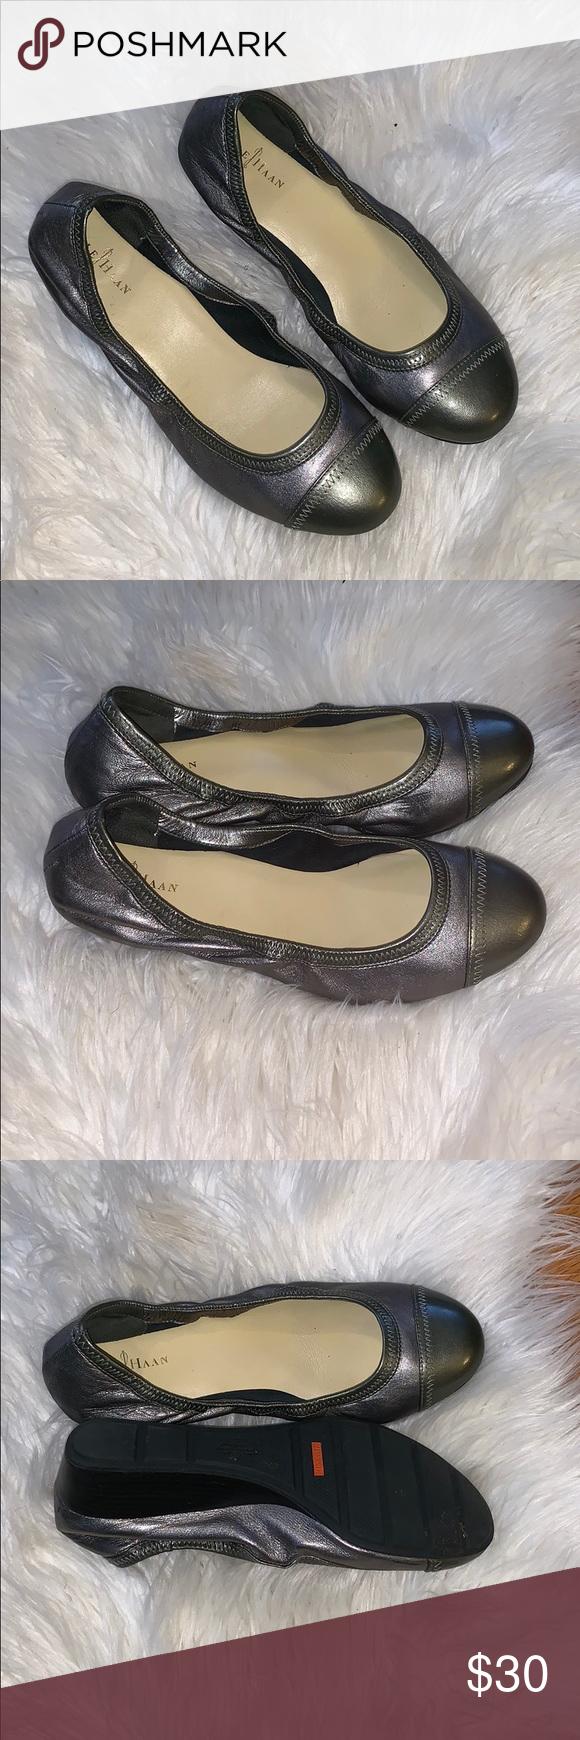 1.5 e shoe size